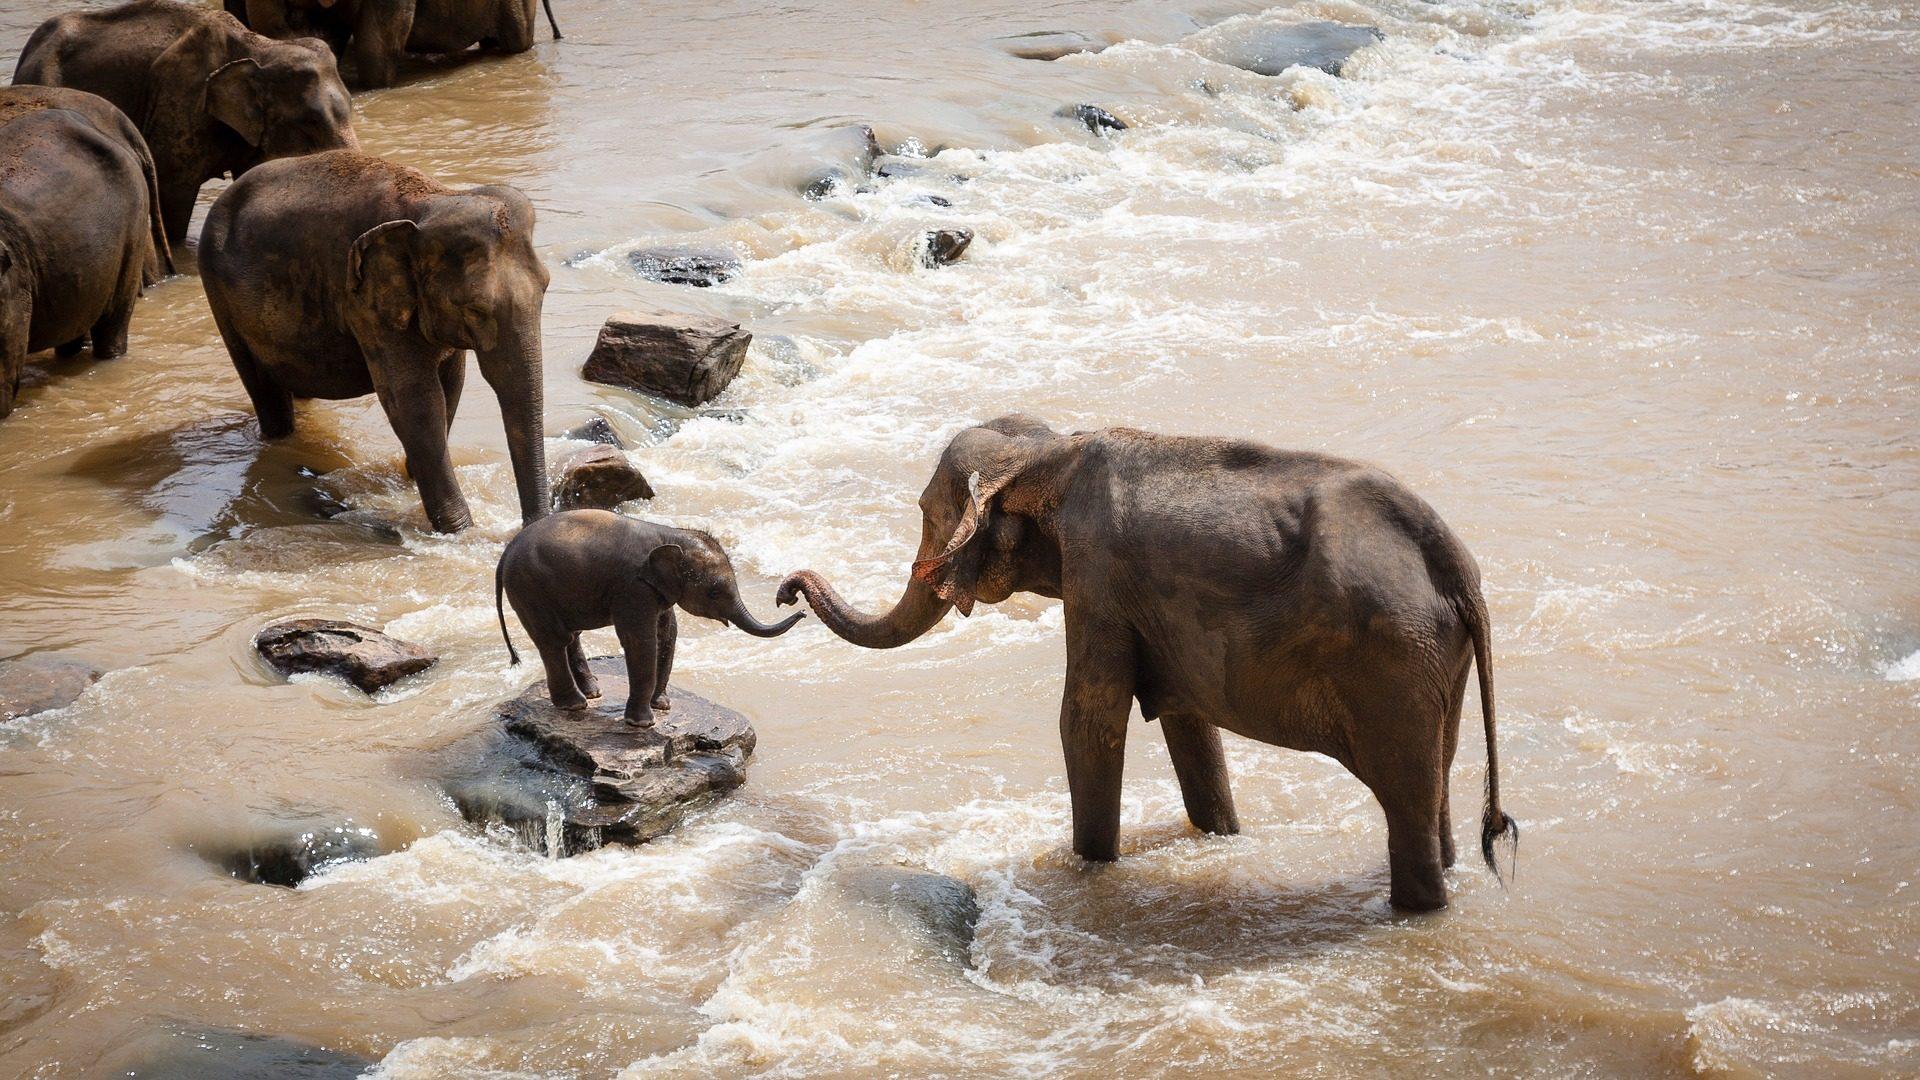 हाथियों, प्रजनन, झुंड, नदी, मदद, जंगली - HD वॉलपेपर - प्रोफेसर-falken.com